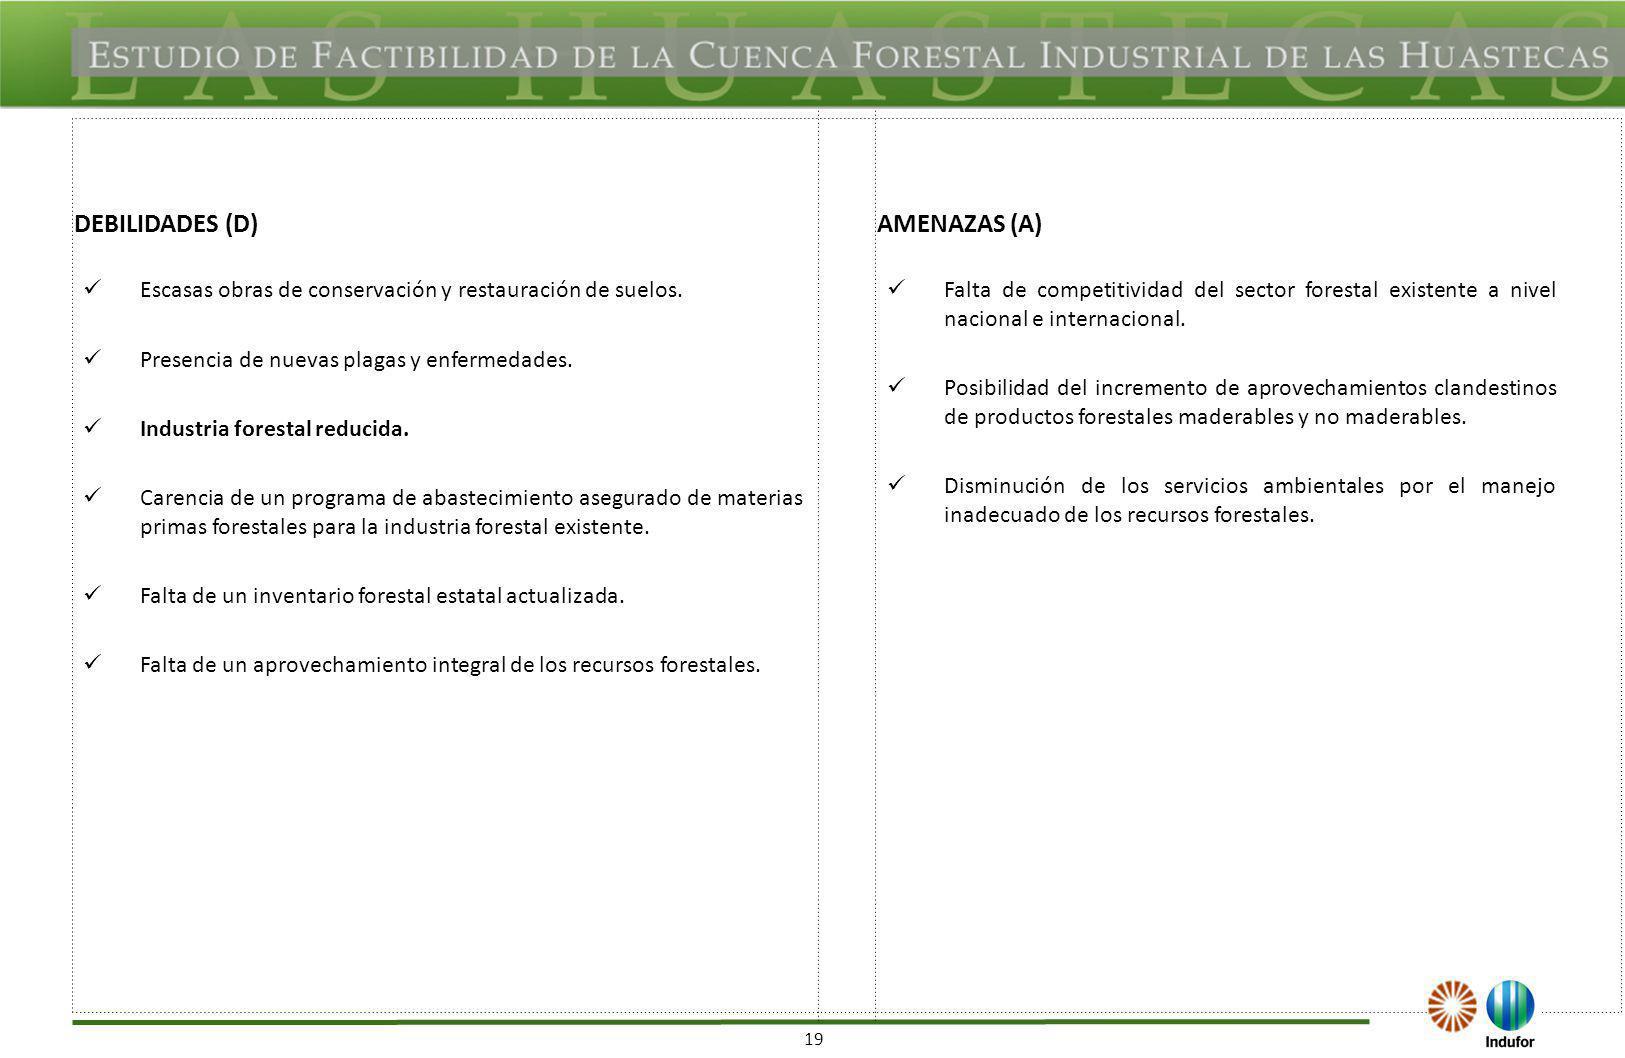 VERACRUZ FORTALEZAS (F) OPORTUNIDADES (O)